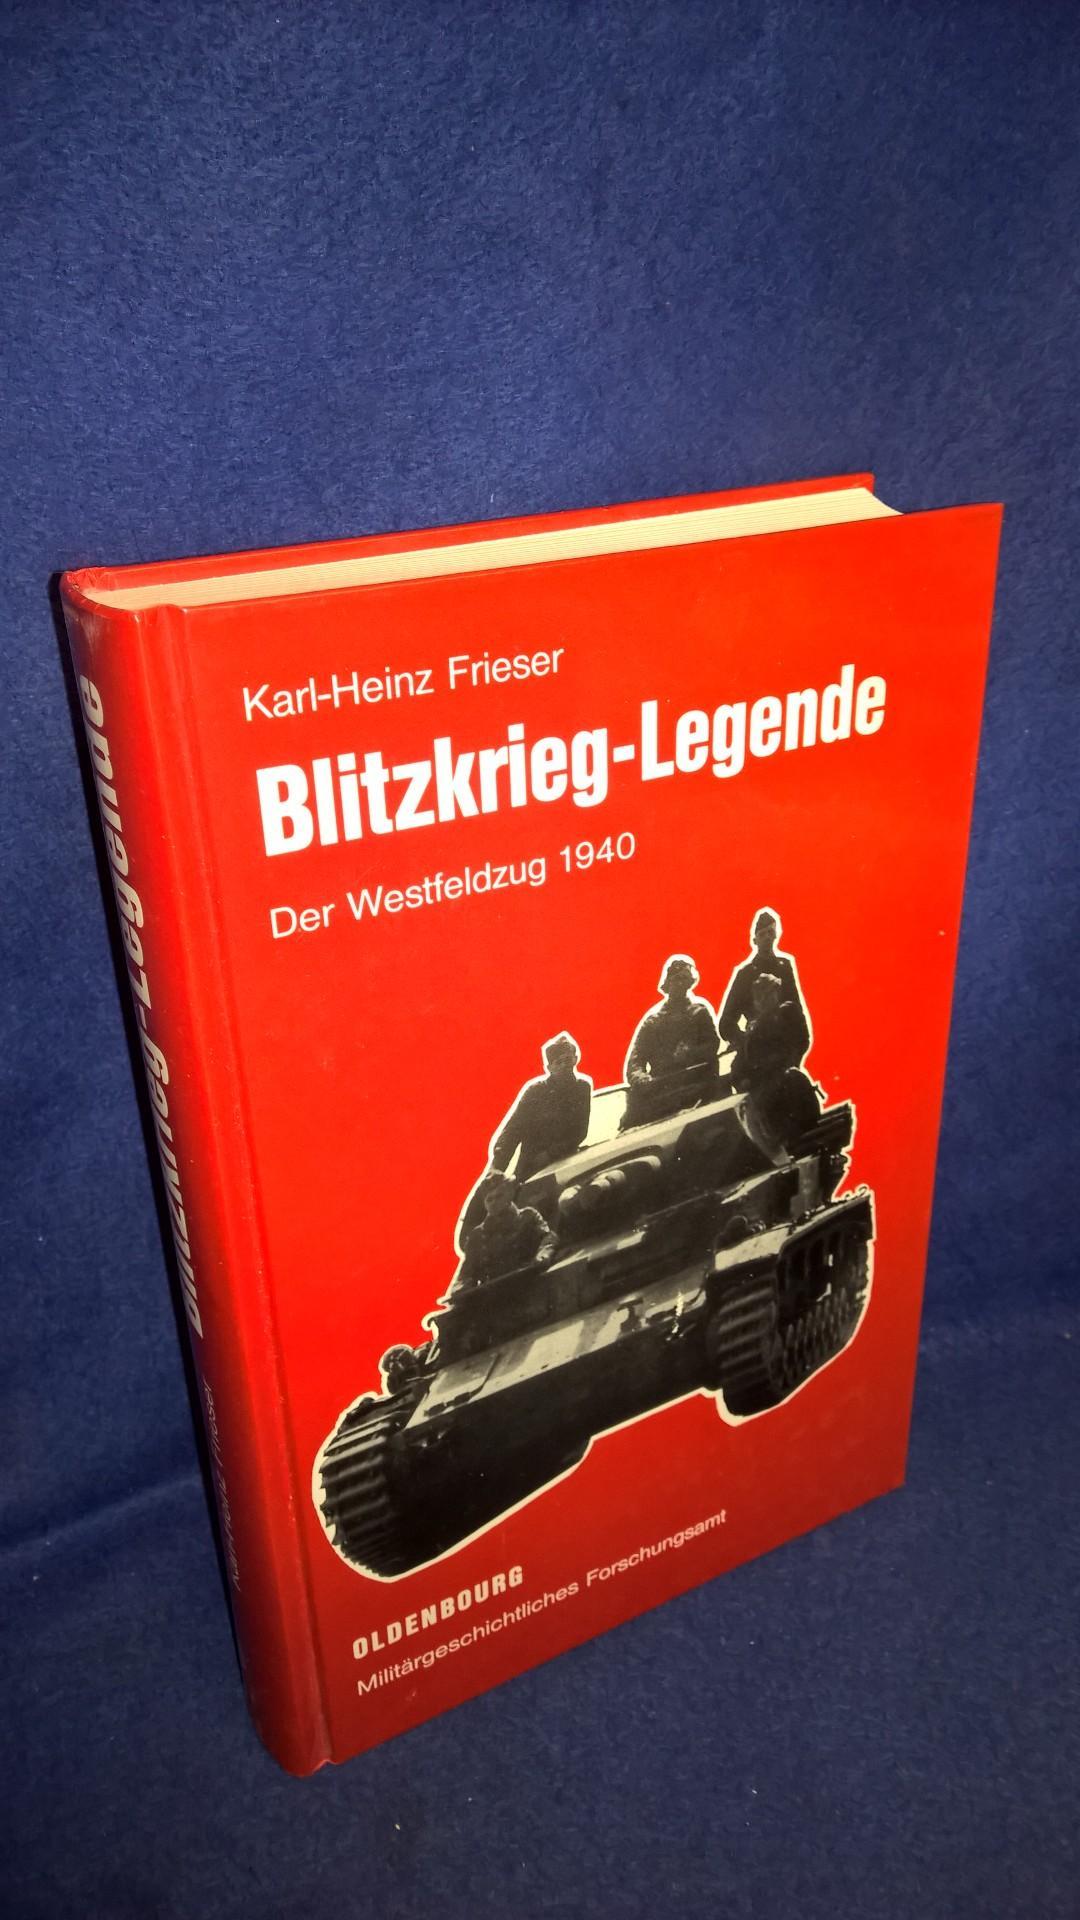 Blitzkrieg-Legende: Der Westfeldzug 1940.